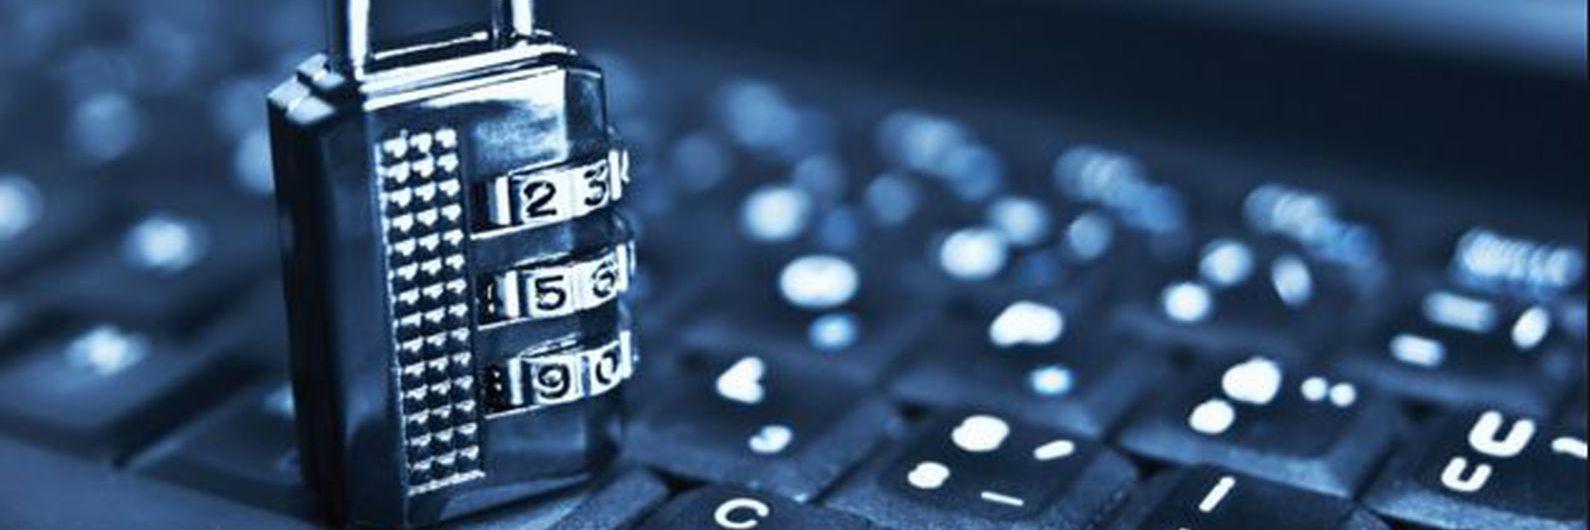 Organizações investem até quatro vezes menos em seguros contra ciberataques